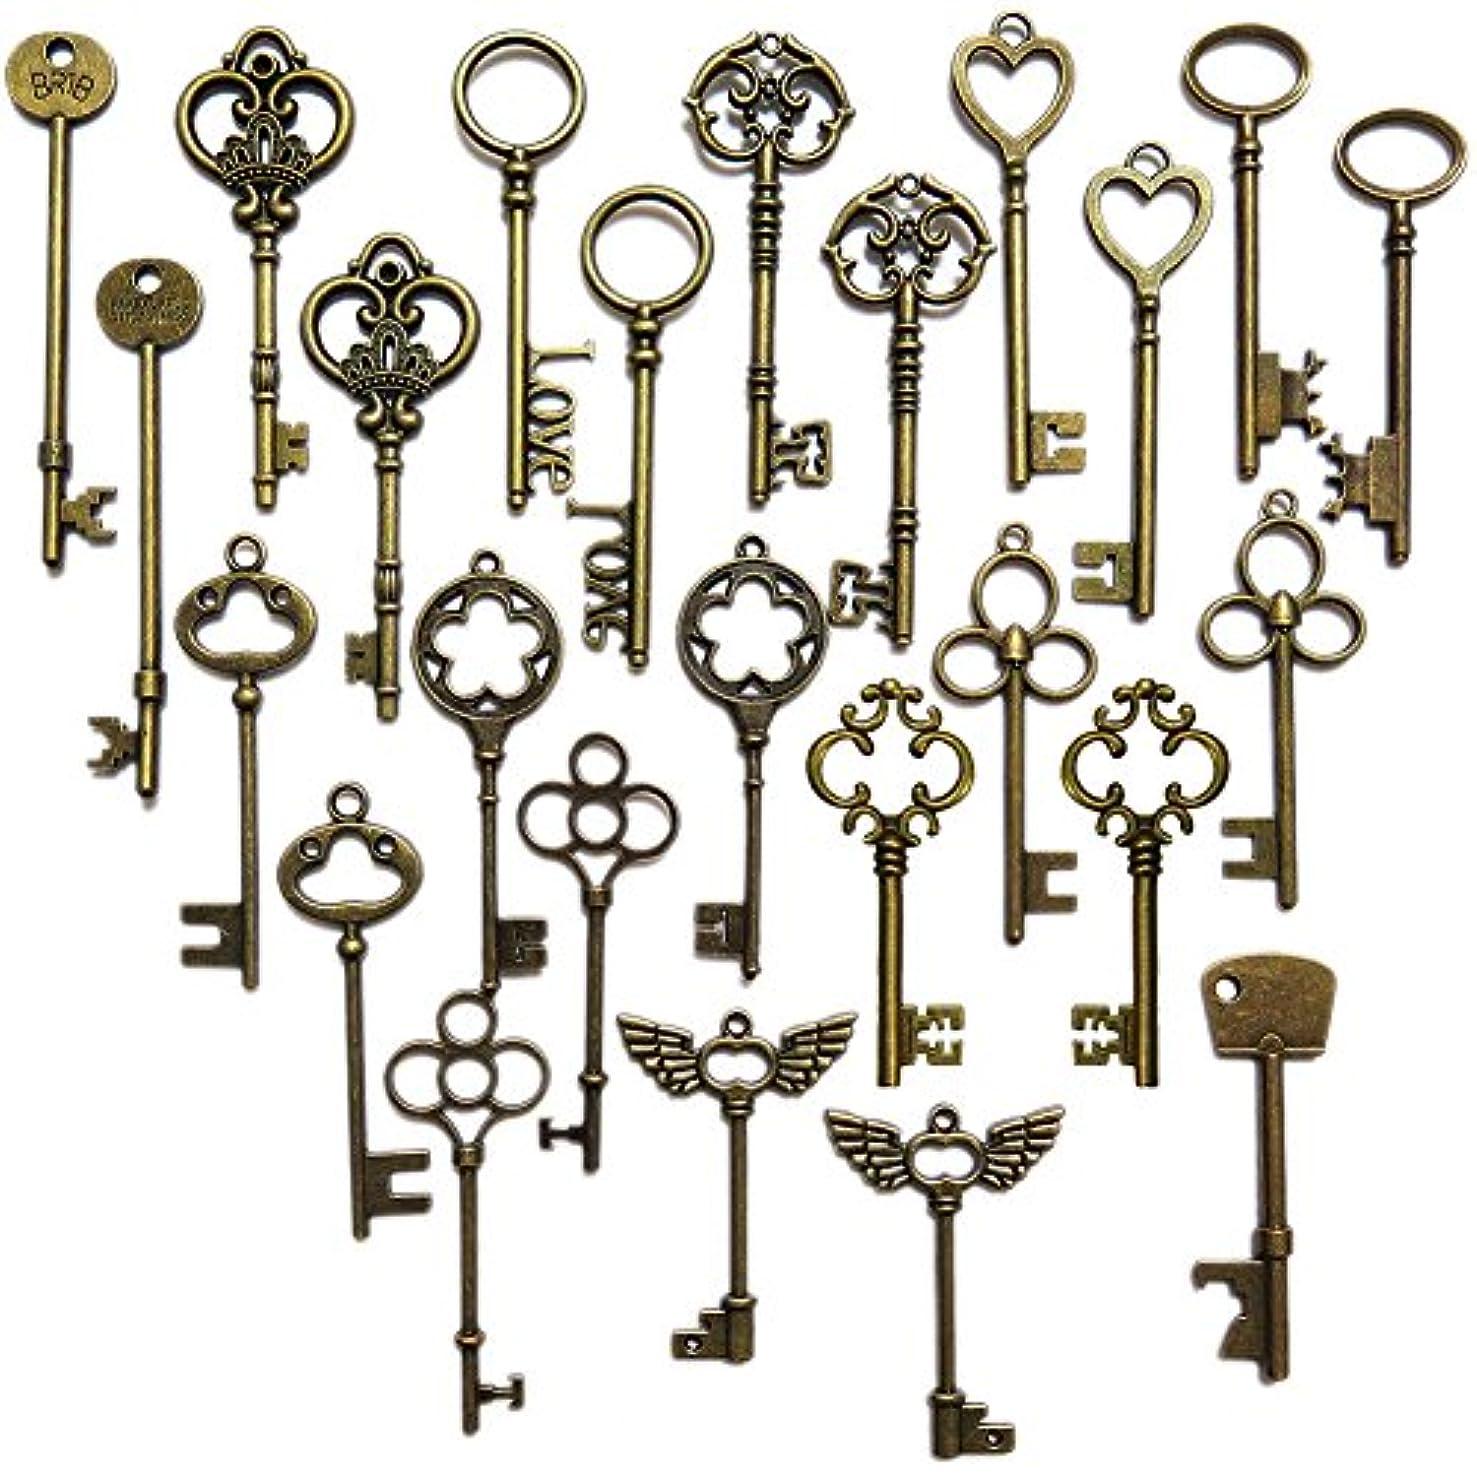 N'joy 26PCS Vintage Skeleton Keys, Mixed Steampunk Keys, Extra Large, Antique Bronze (L26B)